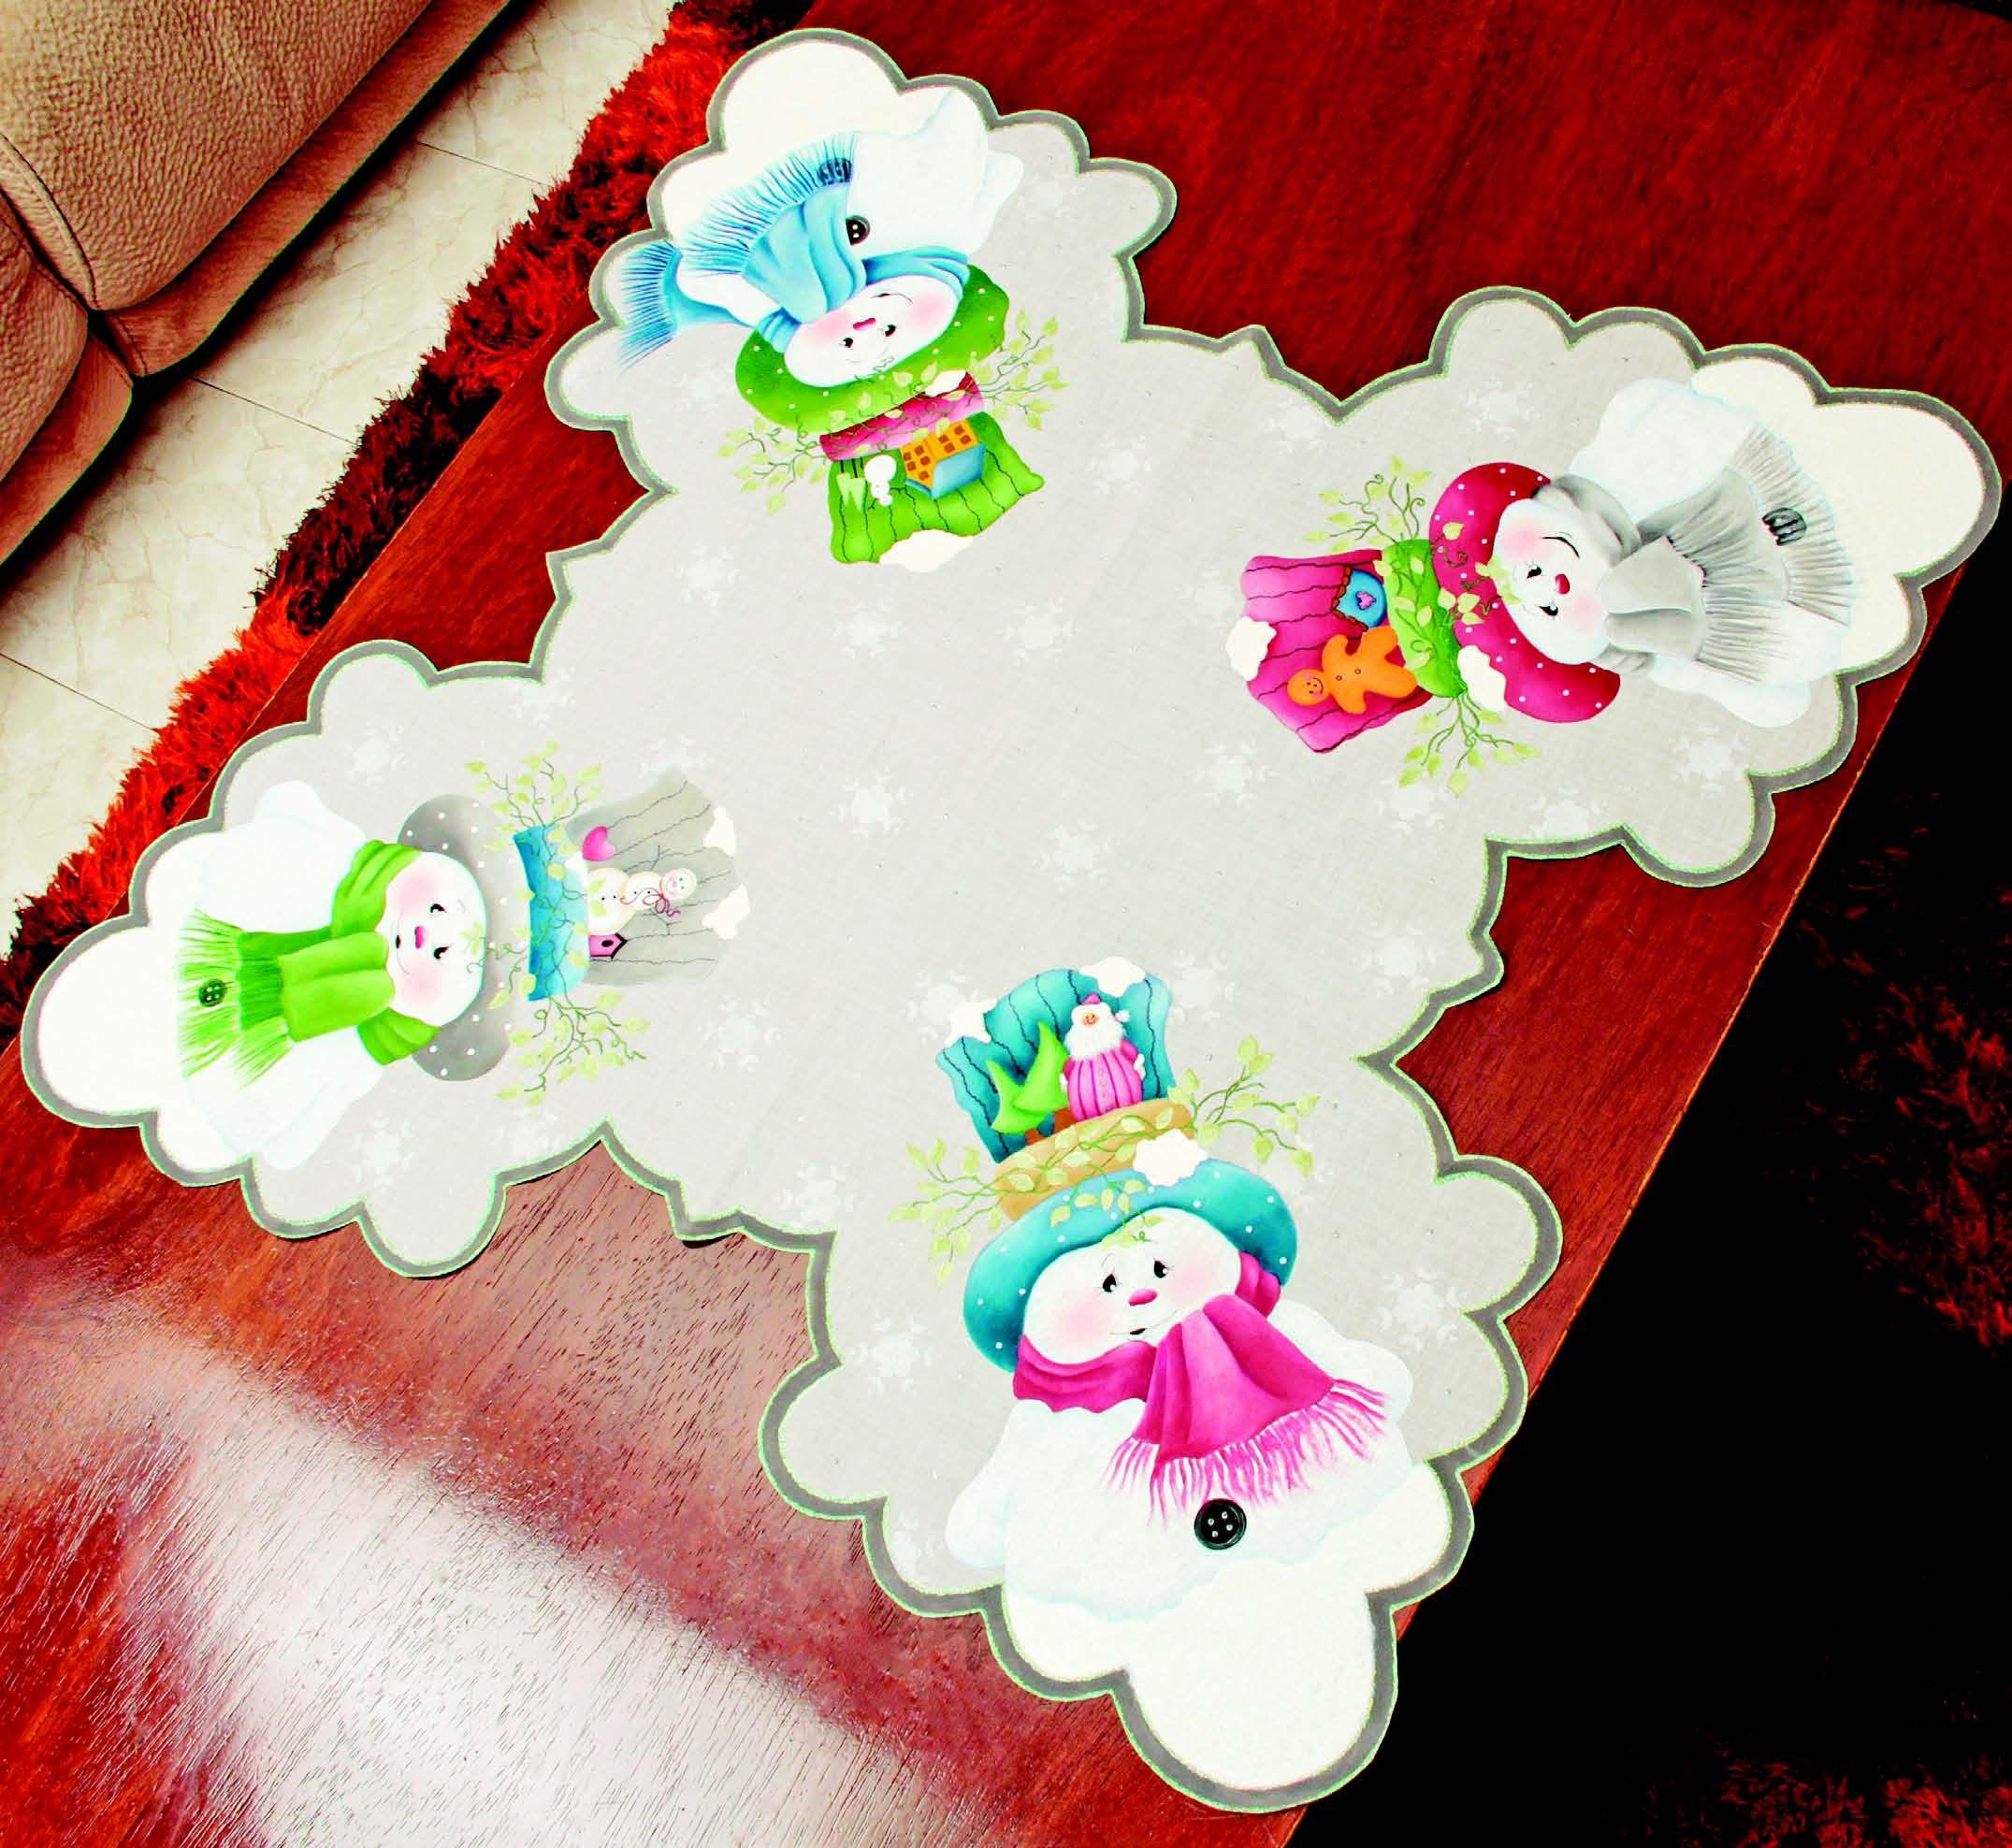 camino de mesa con muecos de nieve revista roel imagina y crea magia